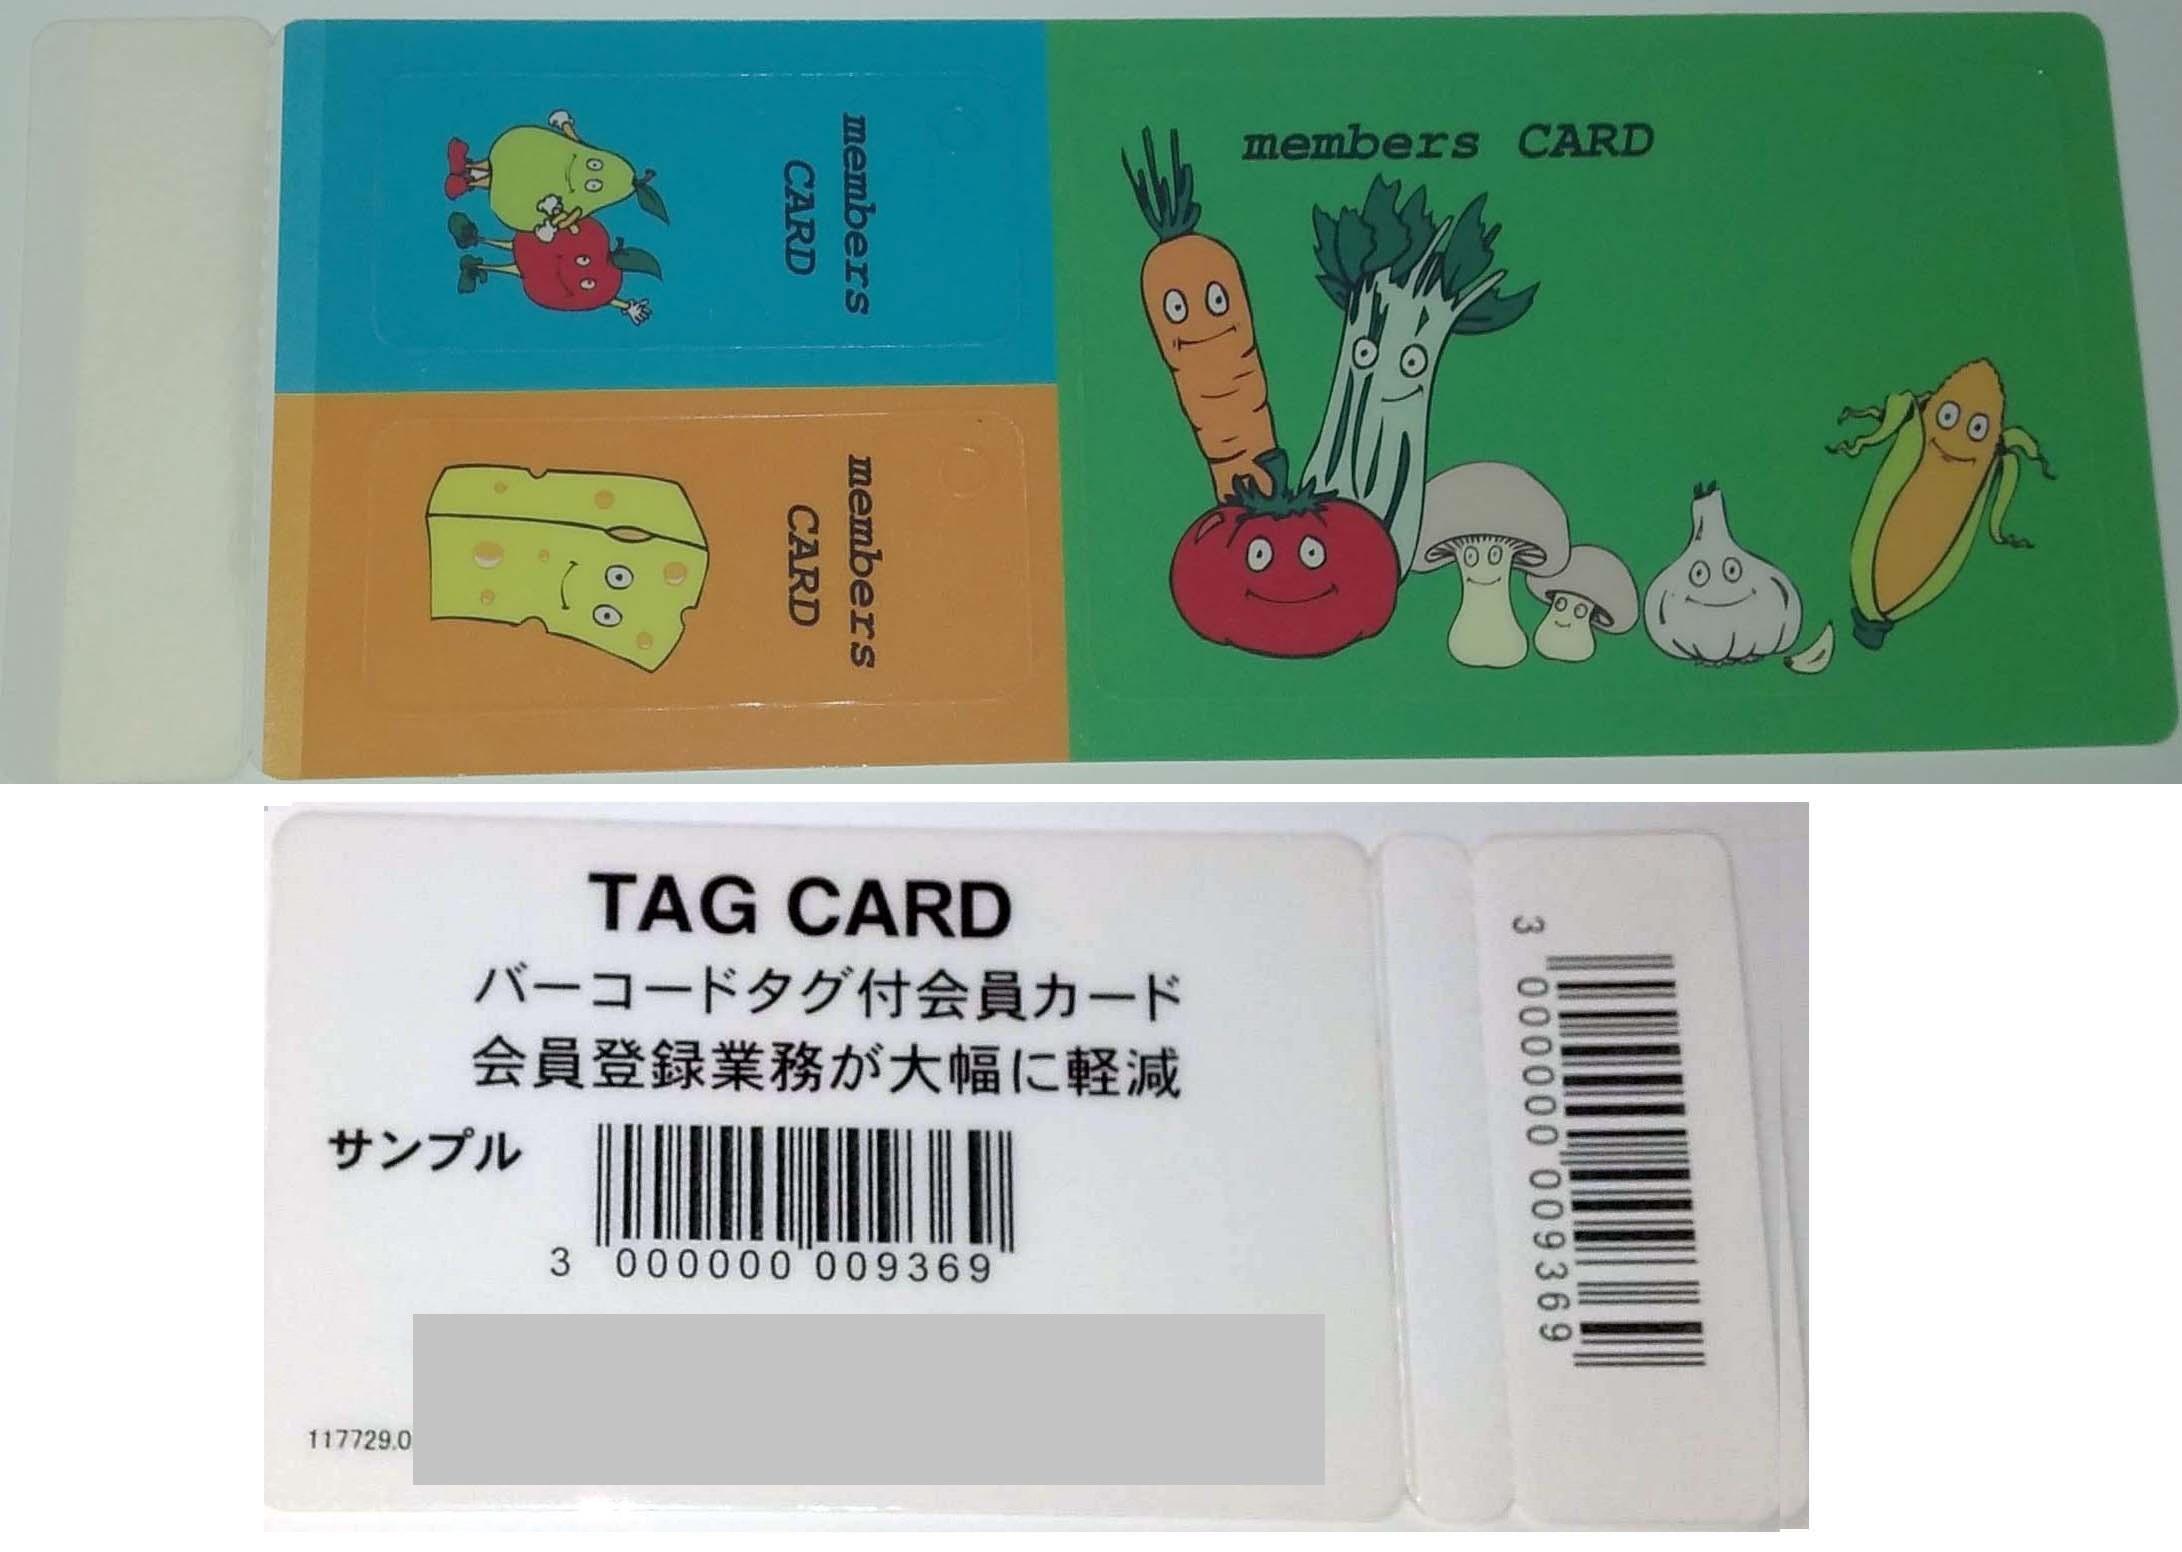 優良会員カード 作成